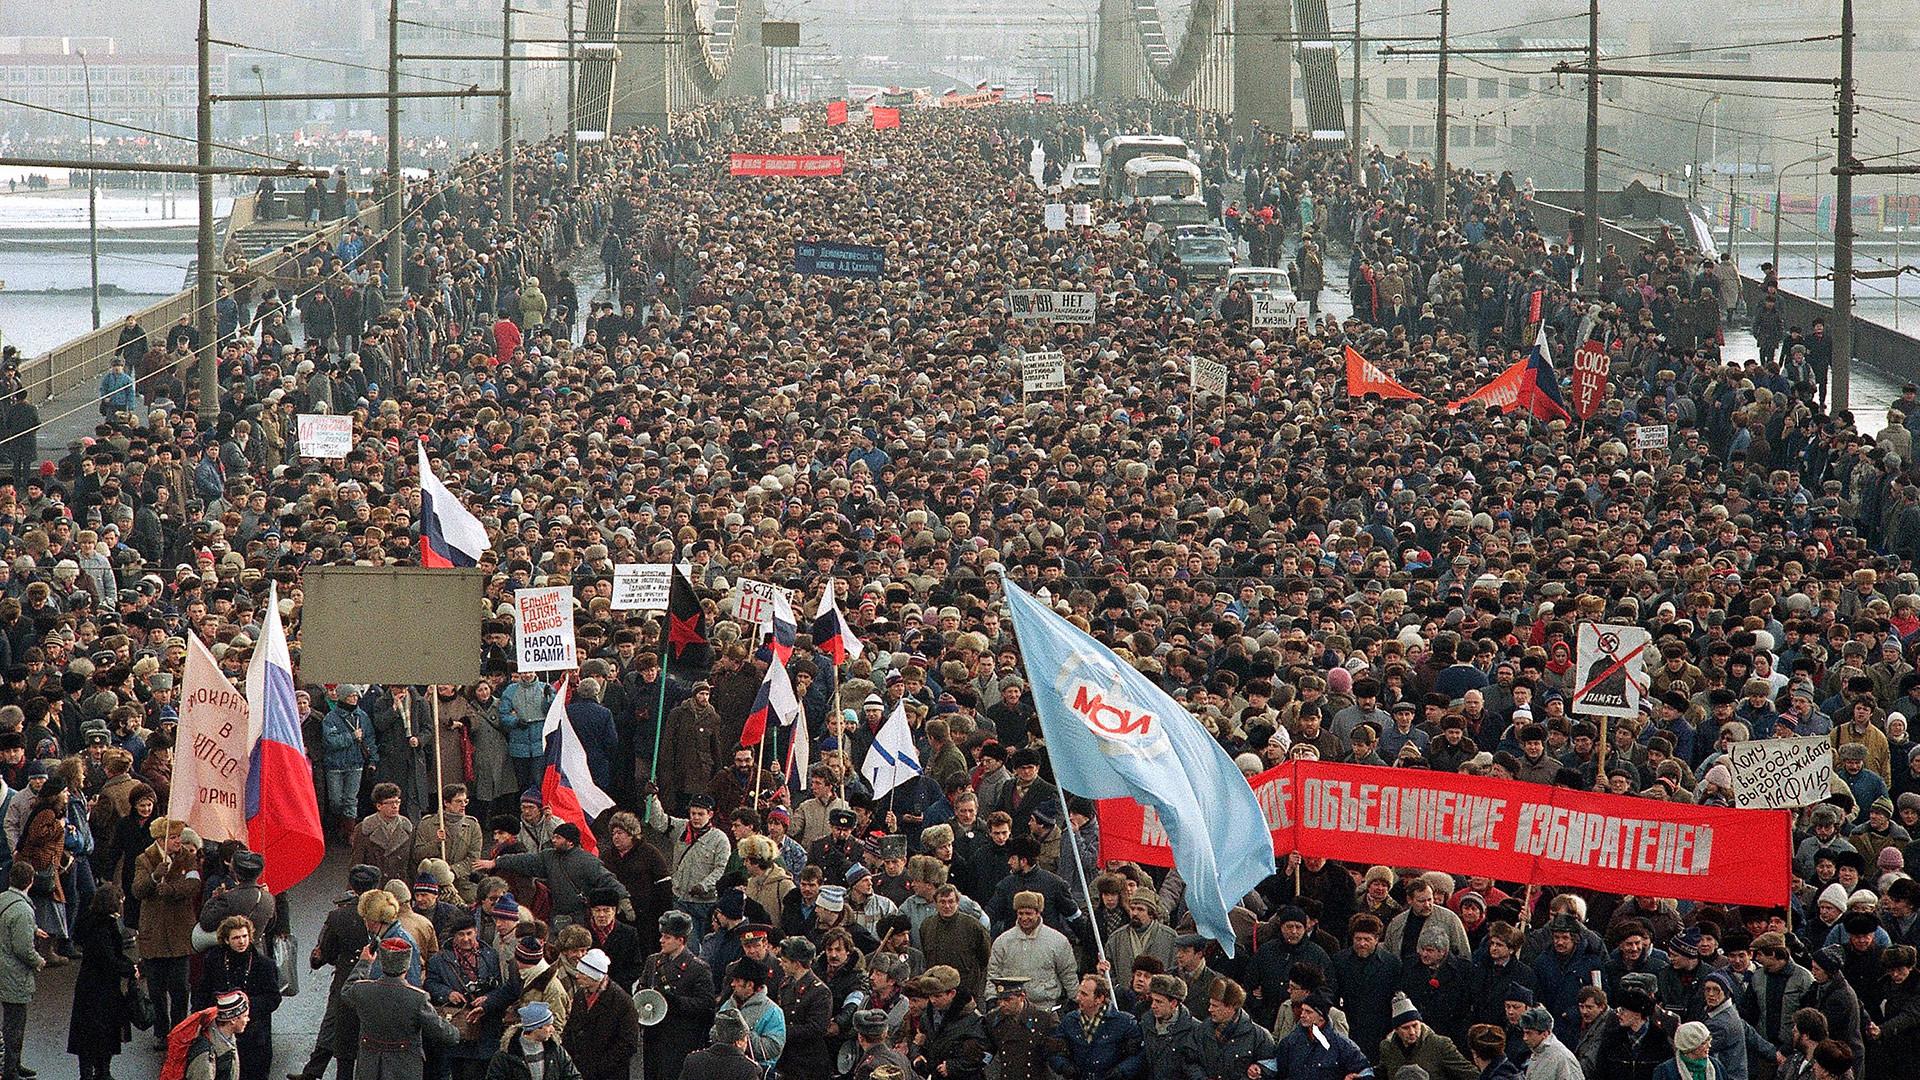 Стотине хиљада људи је прошло преко реке Москве у недељу 4. фебруара 1990. године са захтевом да Комунистичка партија одустане од монопола на власт. Ово је вероватно био највећи митинг у Москви још од бољшевичке револуције.